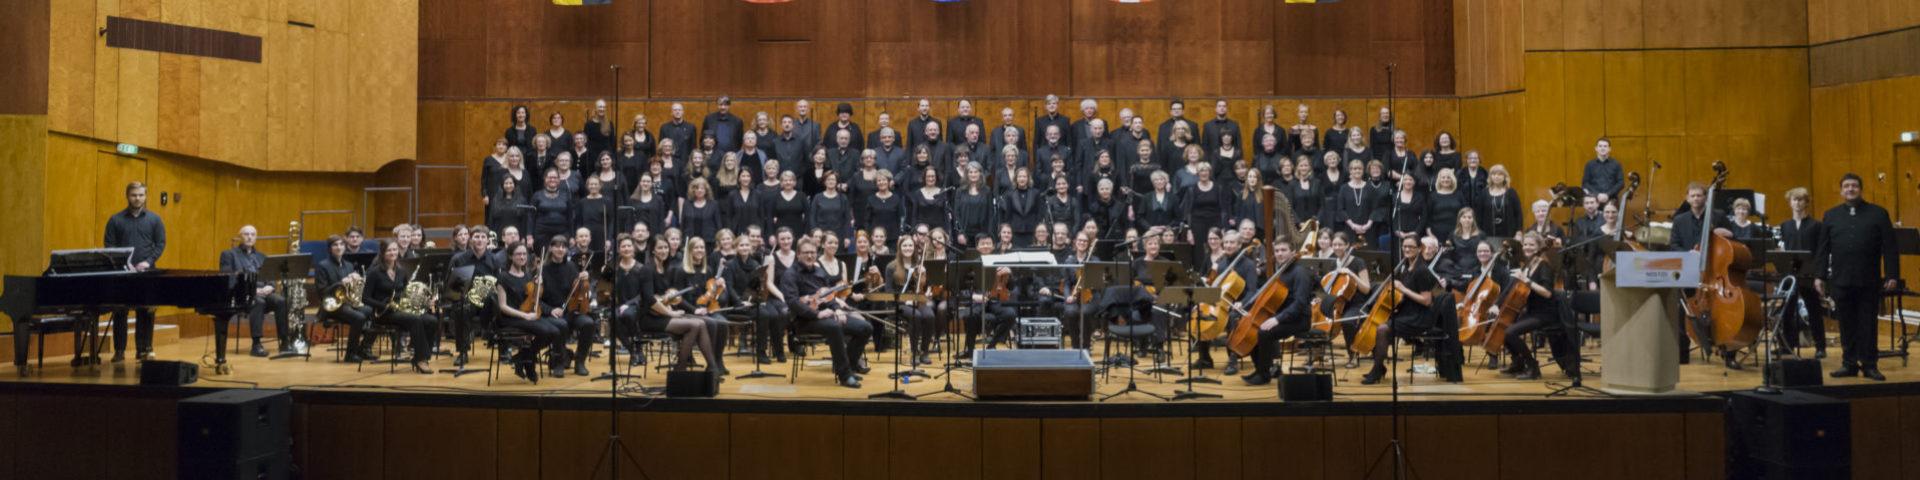 Sinfonieorchester der Universität Hohenheim